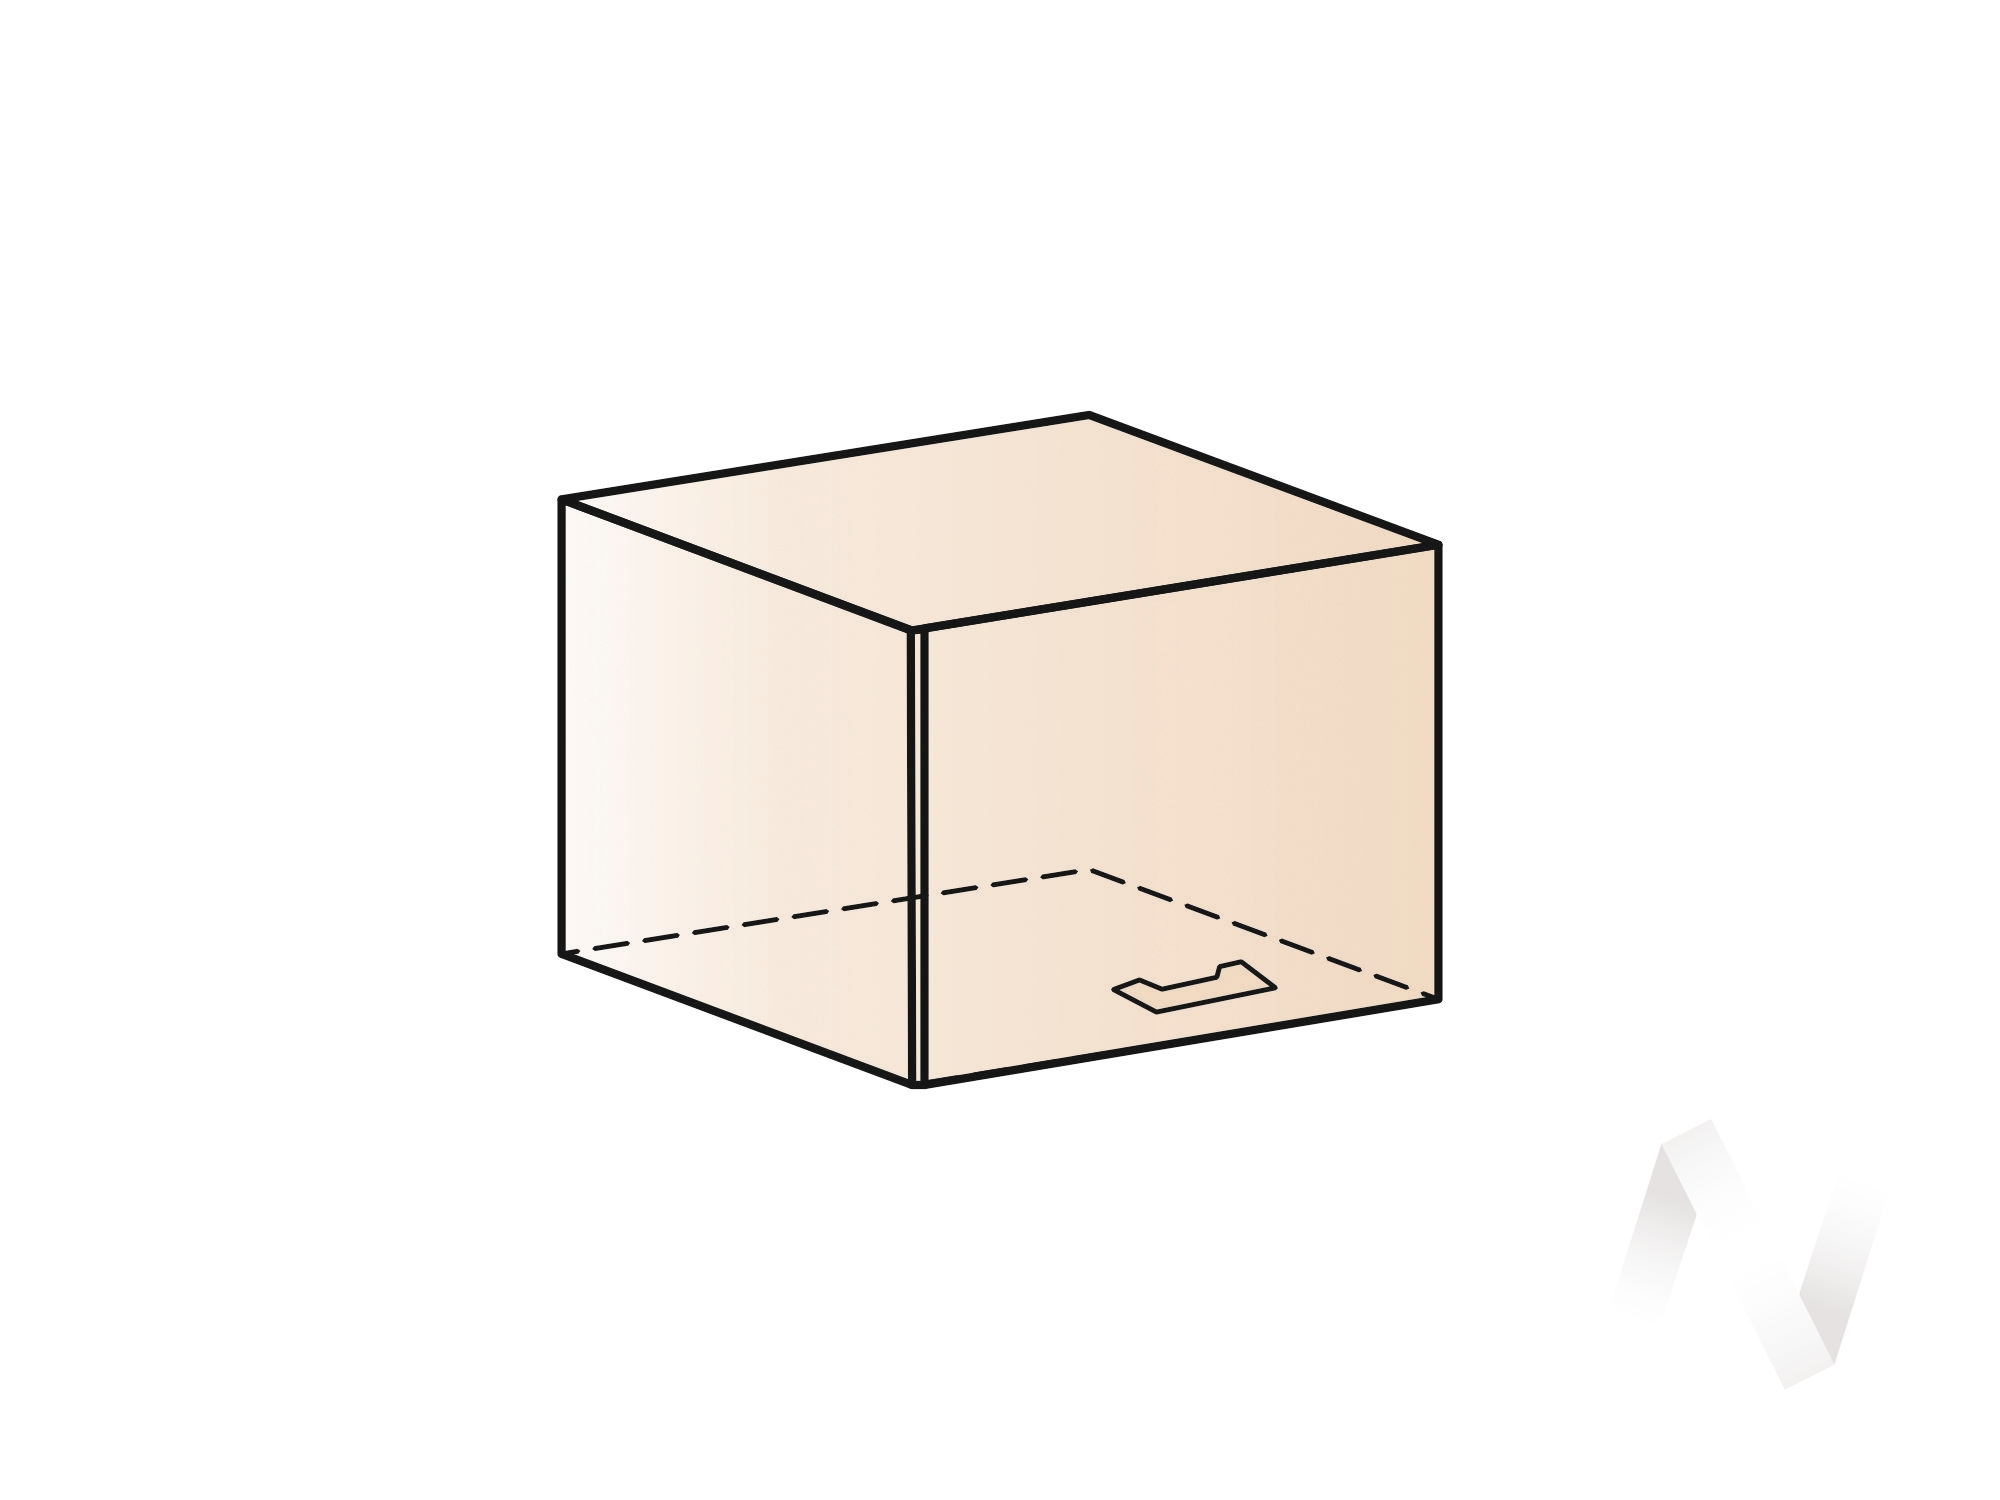 """Кухня """"Люкс"""": Шкаф верхний горизонтальный 500, ШВГ 500 (Шелк венге/корпус венге) в Томске — авторская мебель Экостиль"""